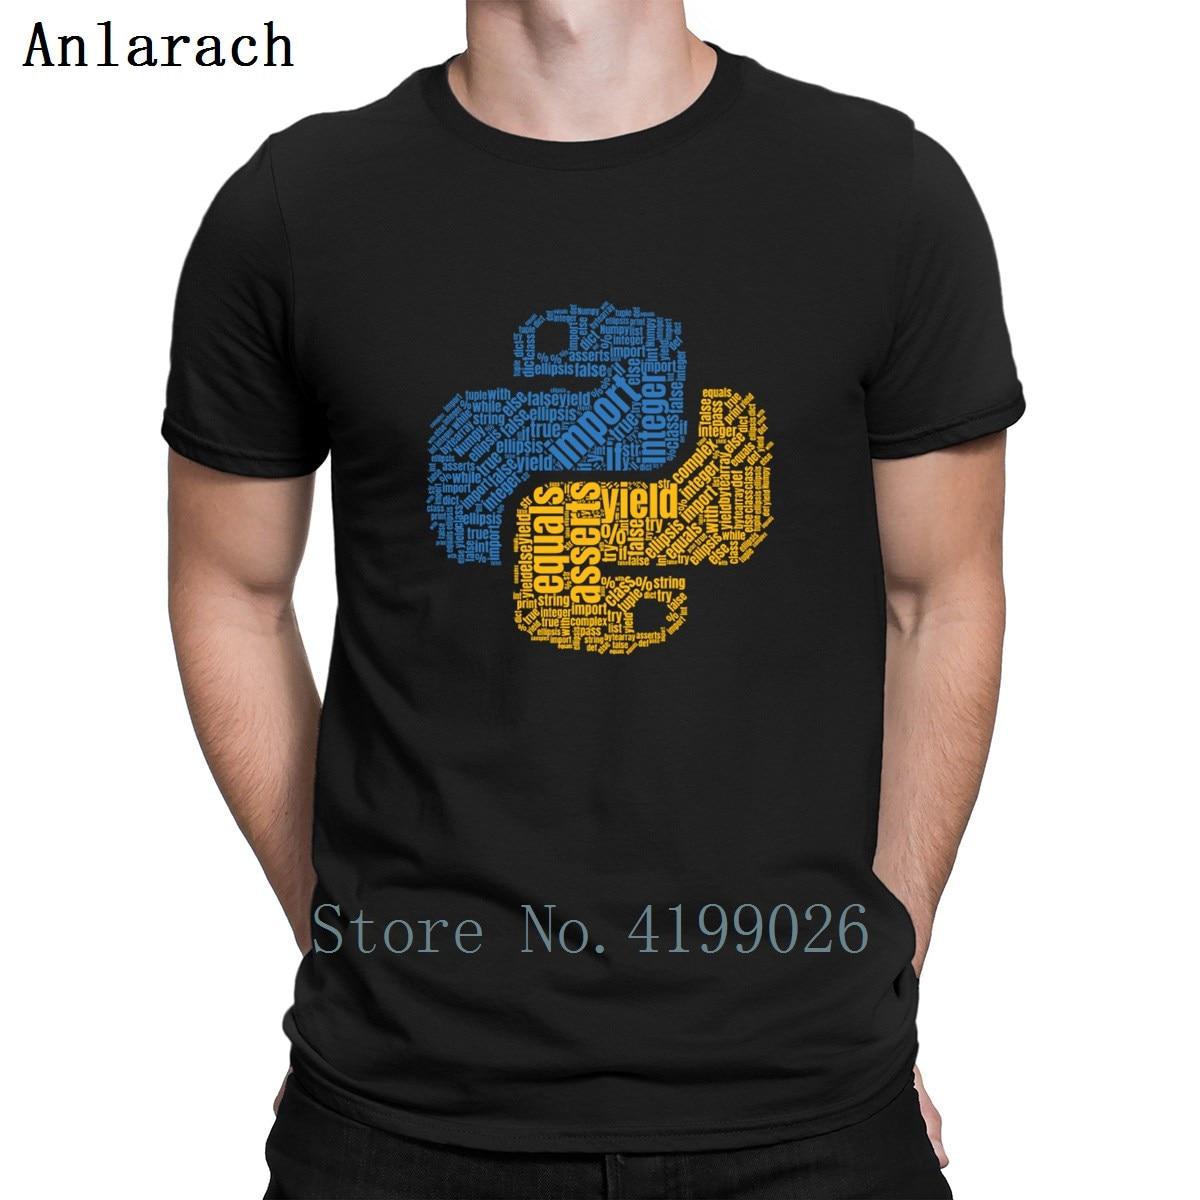 Python programación Wordcloud camisetas clásicas verano Top regalo familia Camiseta cuello redondo diseños básico sólido Anlarach 2018